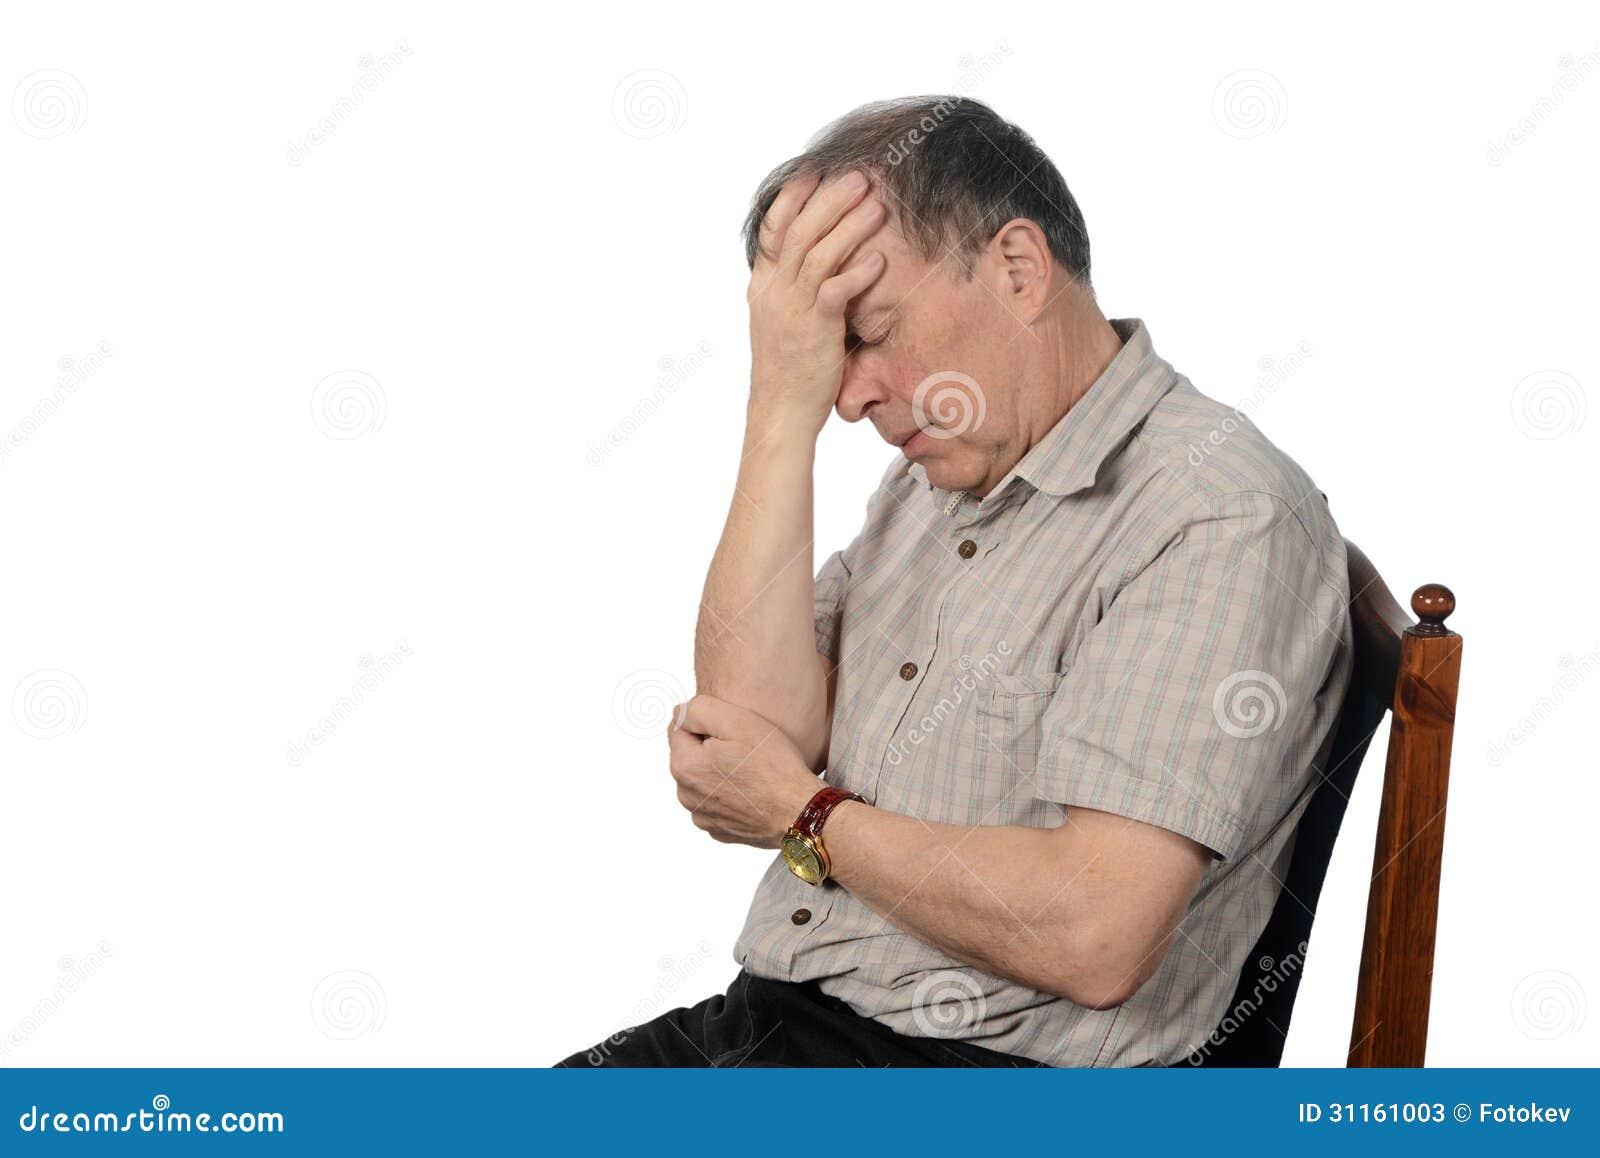 Clipart Depressed Man